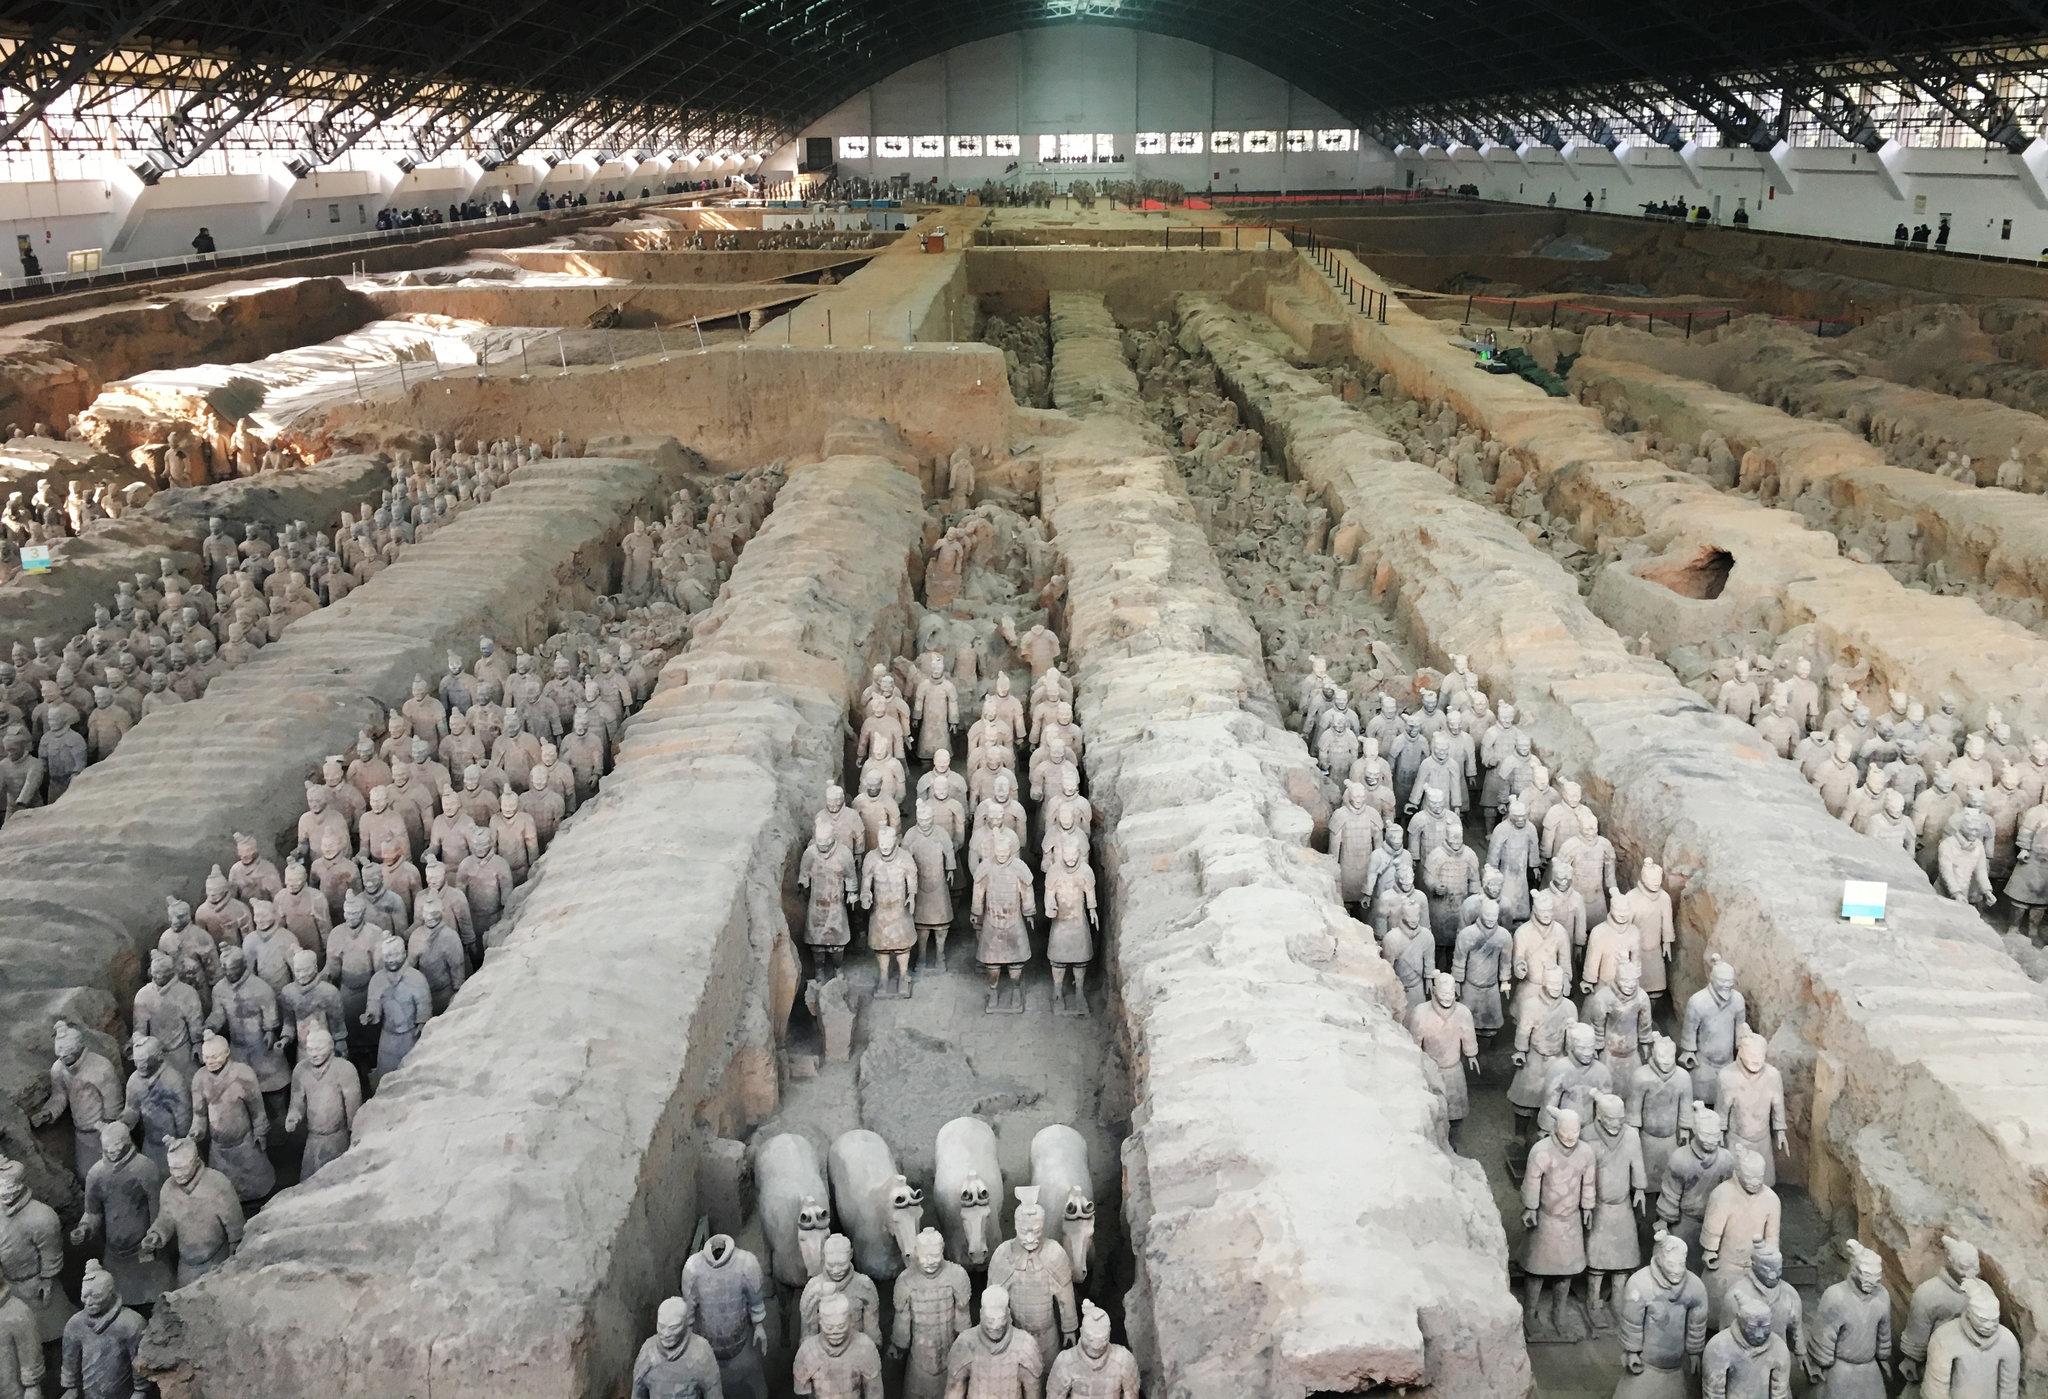 Muitos, logo que ouvem sobre a Xi án, rementem seus pensamentos e desejos a conhecerem um dos pontos turísticos mais famosos da China, os Guerreiros de Terracota